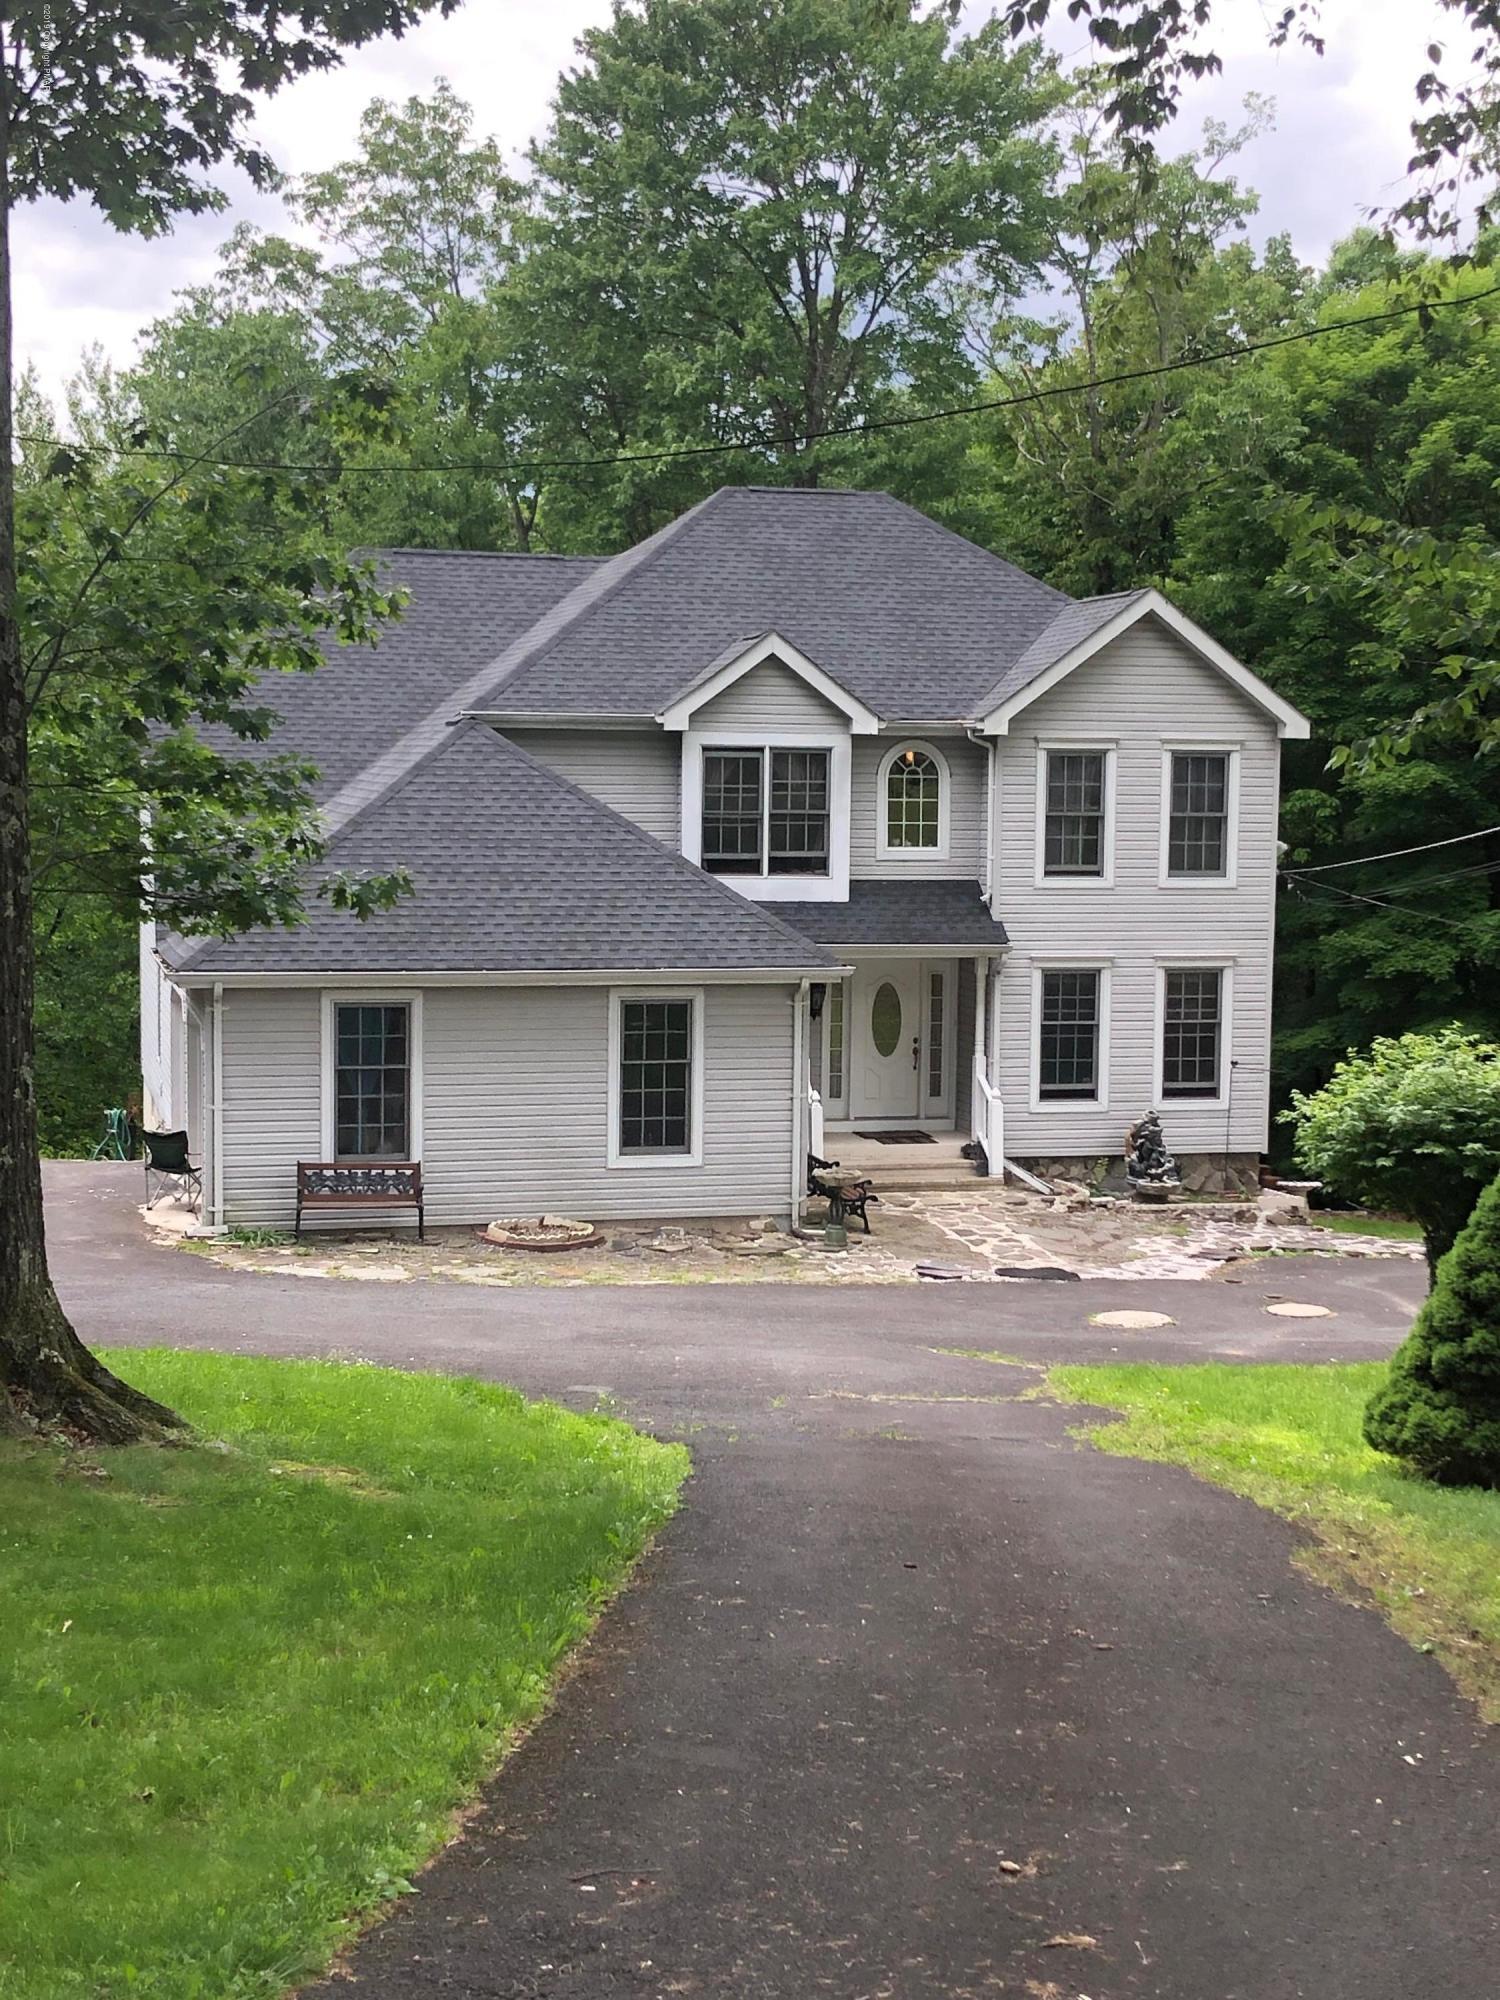 875 Wooddale Rd, East Stroudsburg, PA 18302